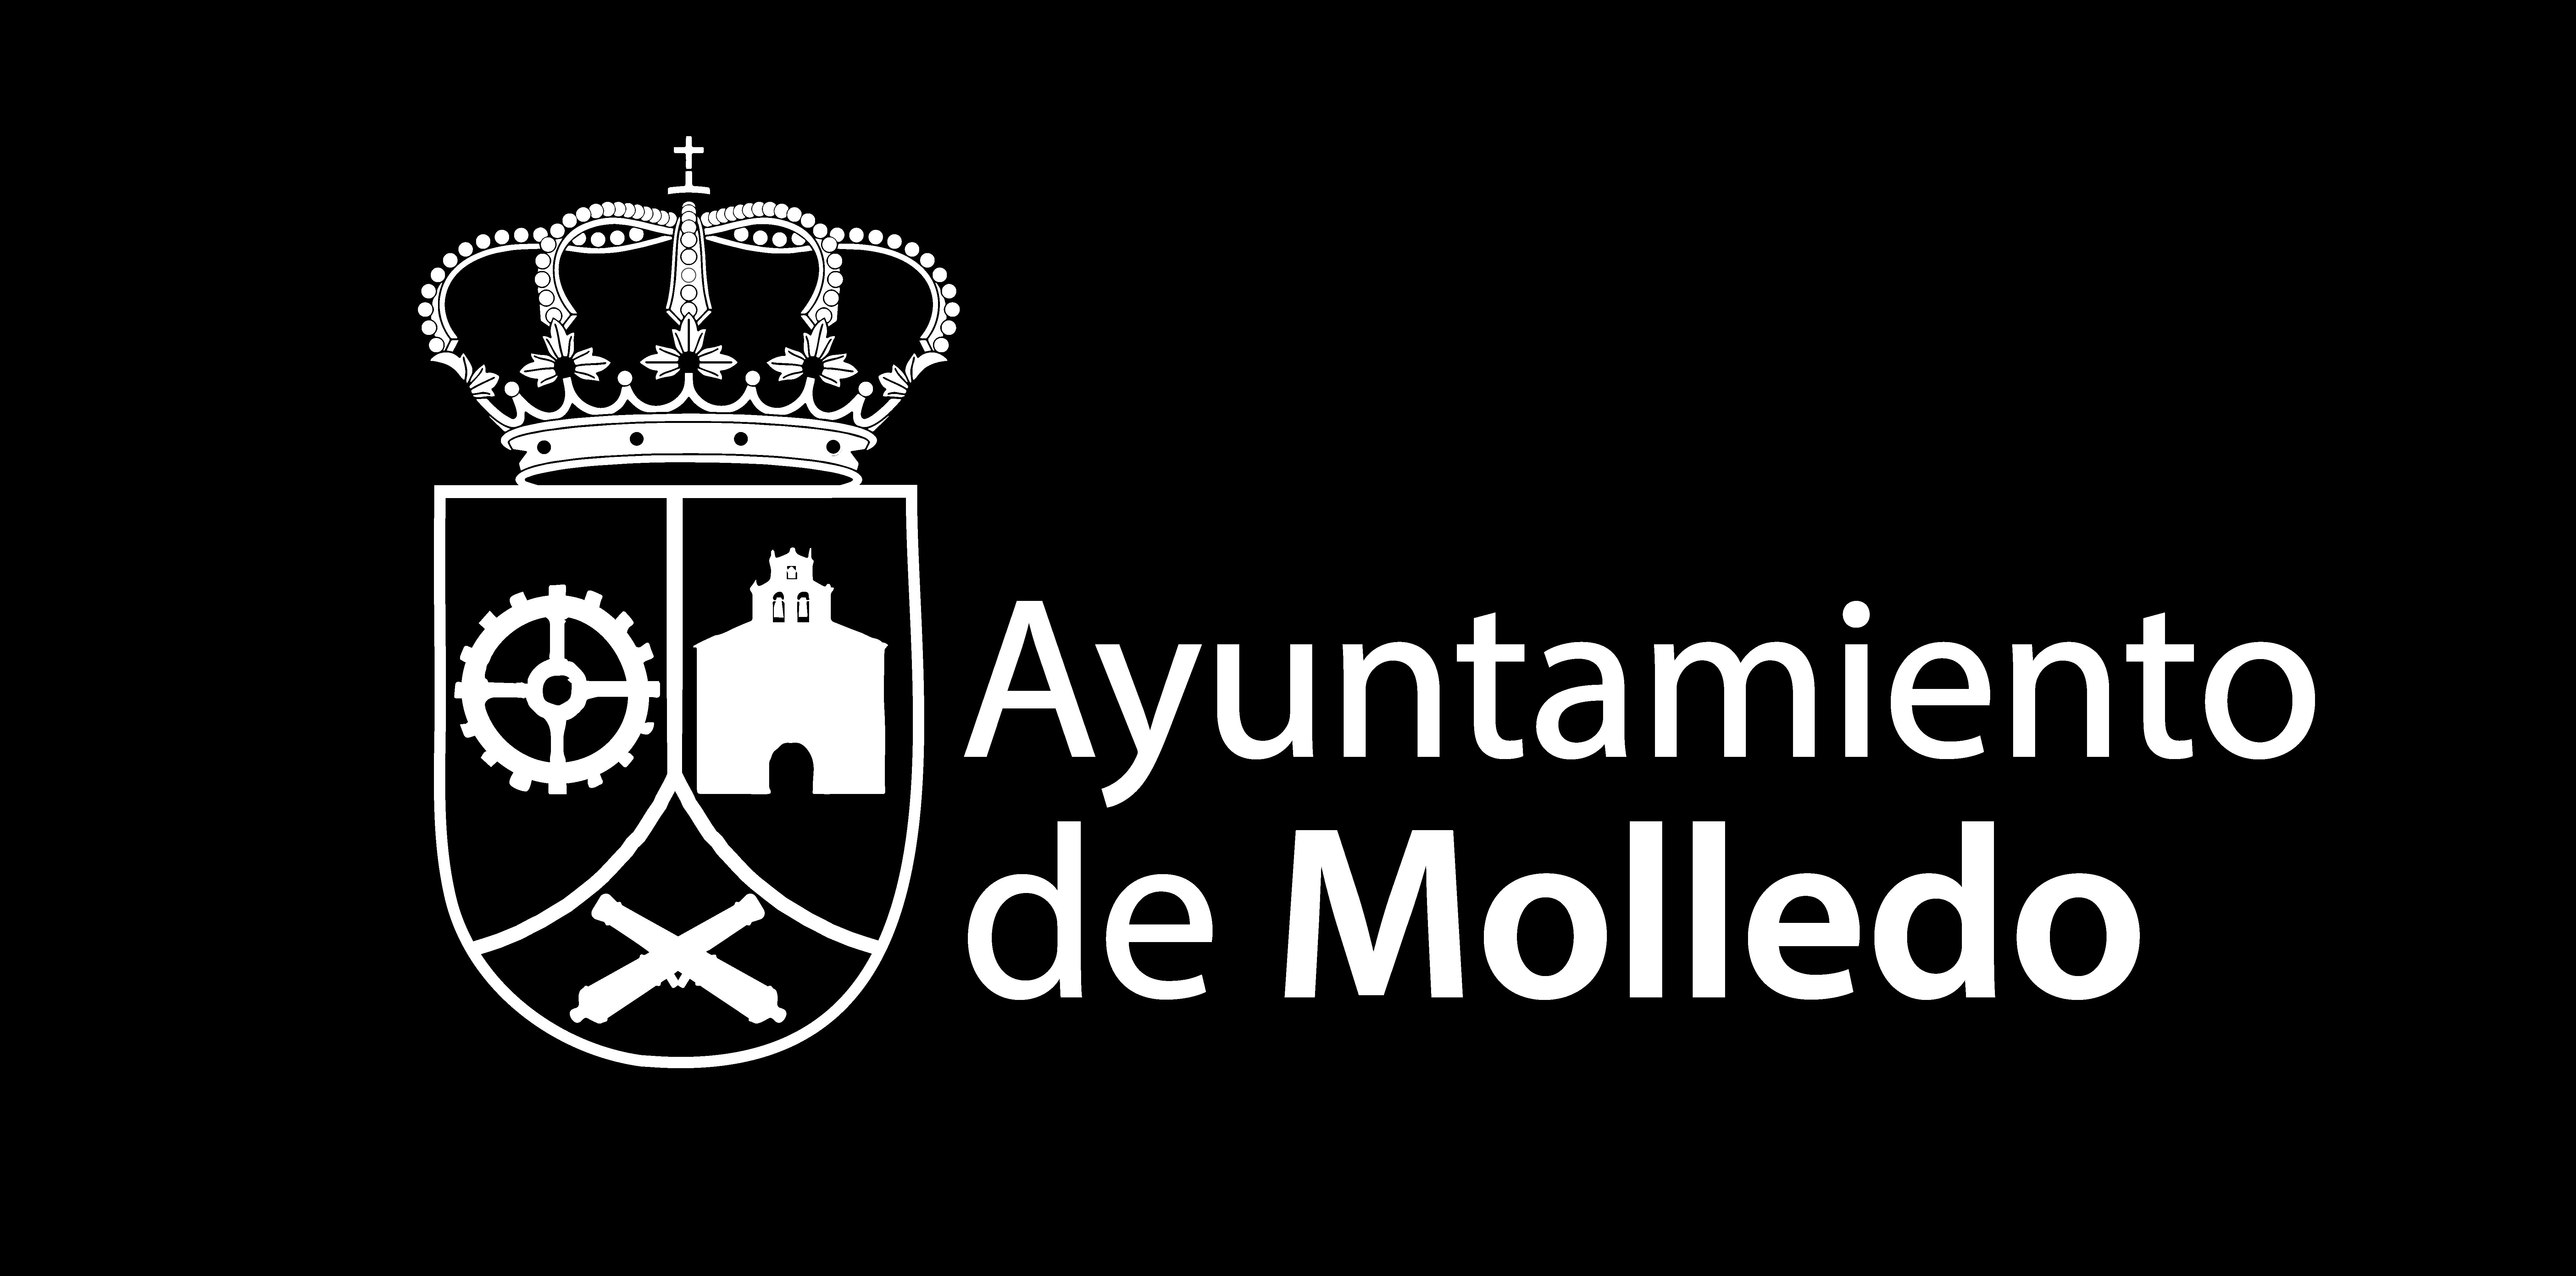 Ayuntamiento de Molledo